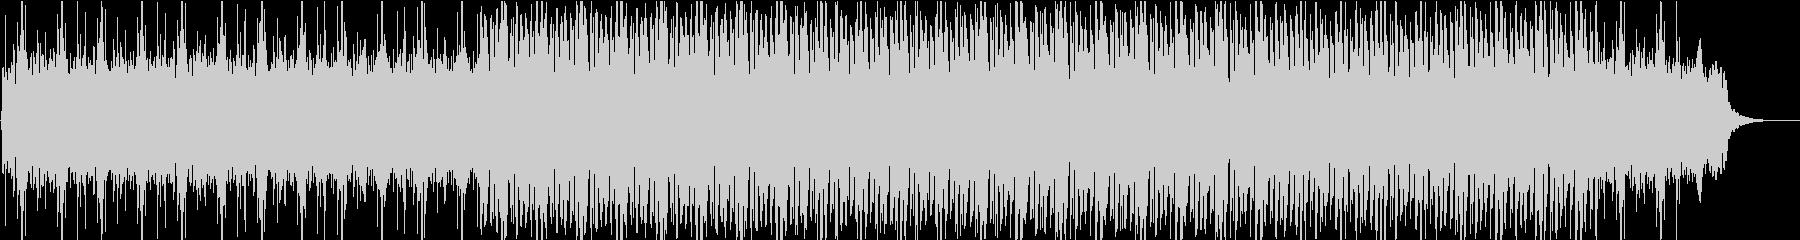 チルアウト系アンビエントBGMの未再生の波形